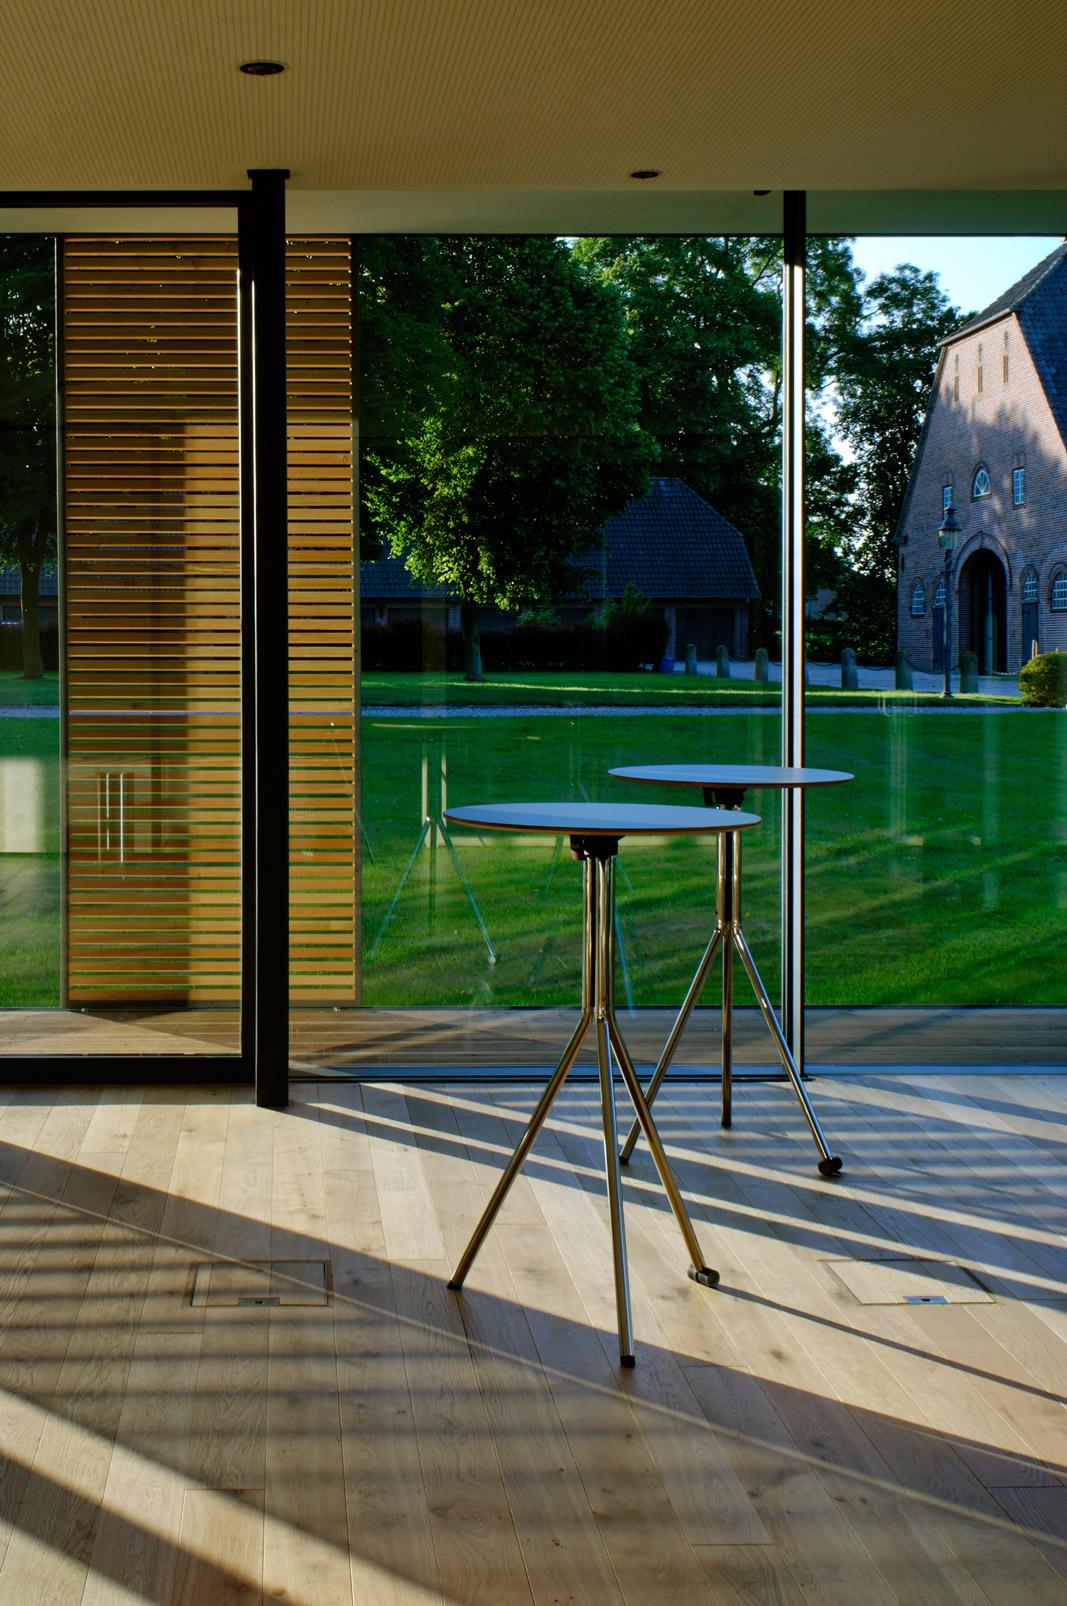 Fotos-Fria-Hagen-Siggen-Juni-2007-022